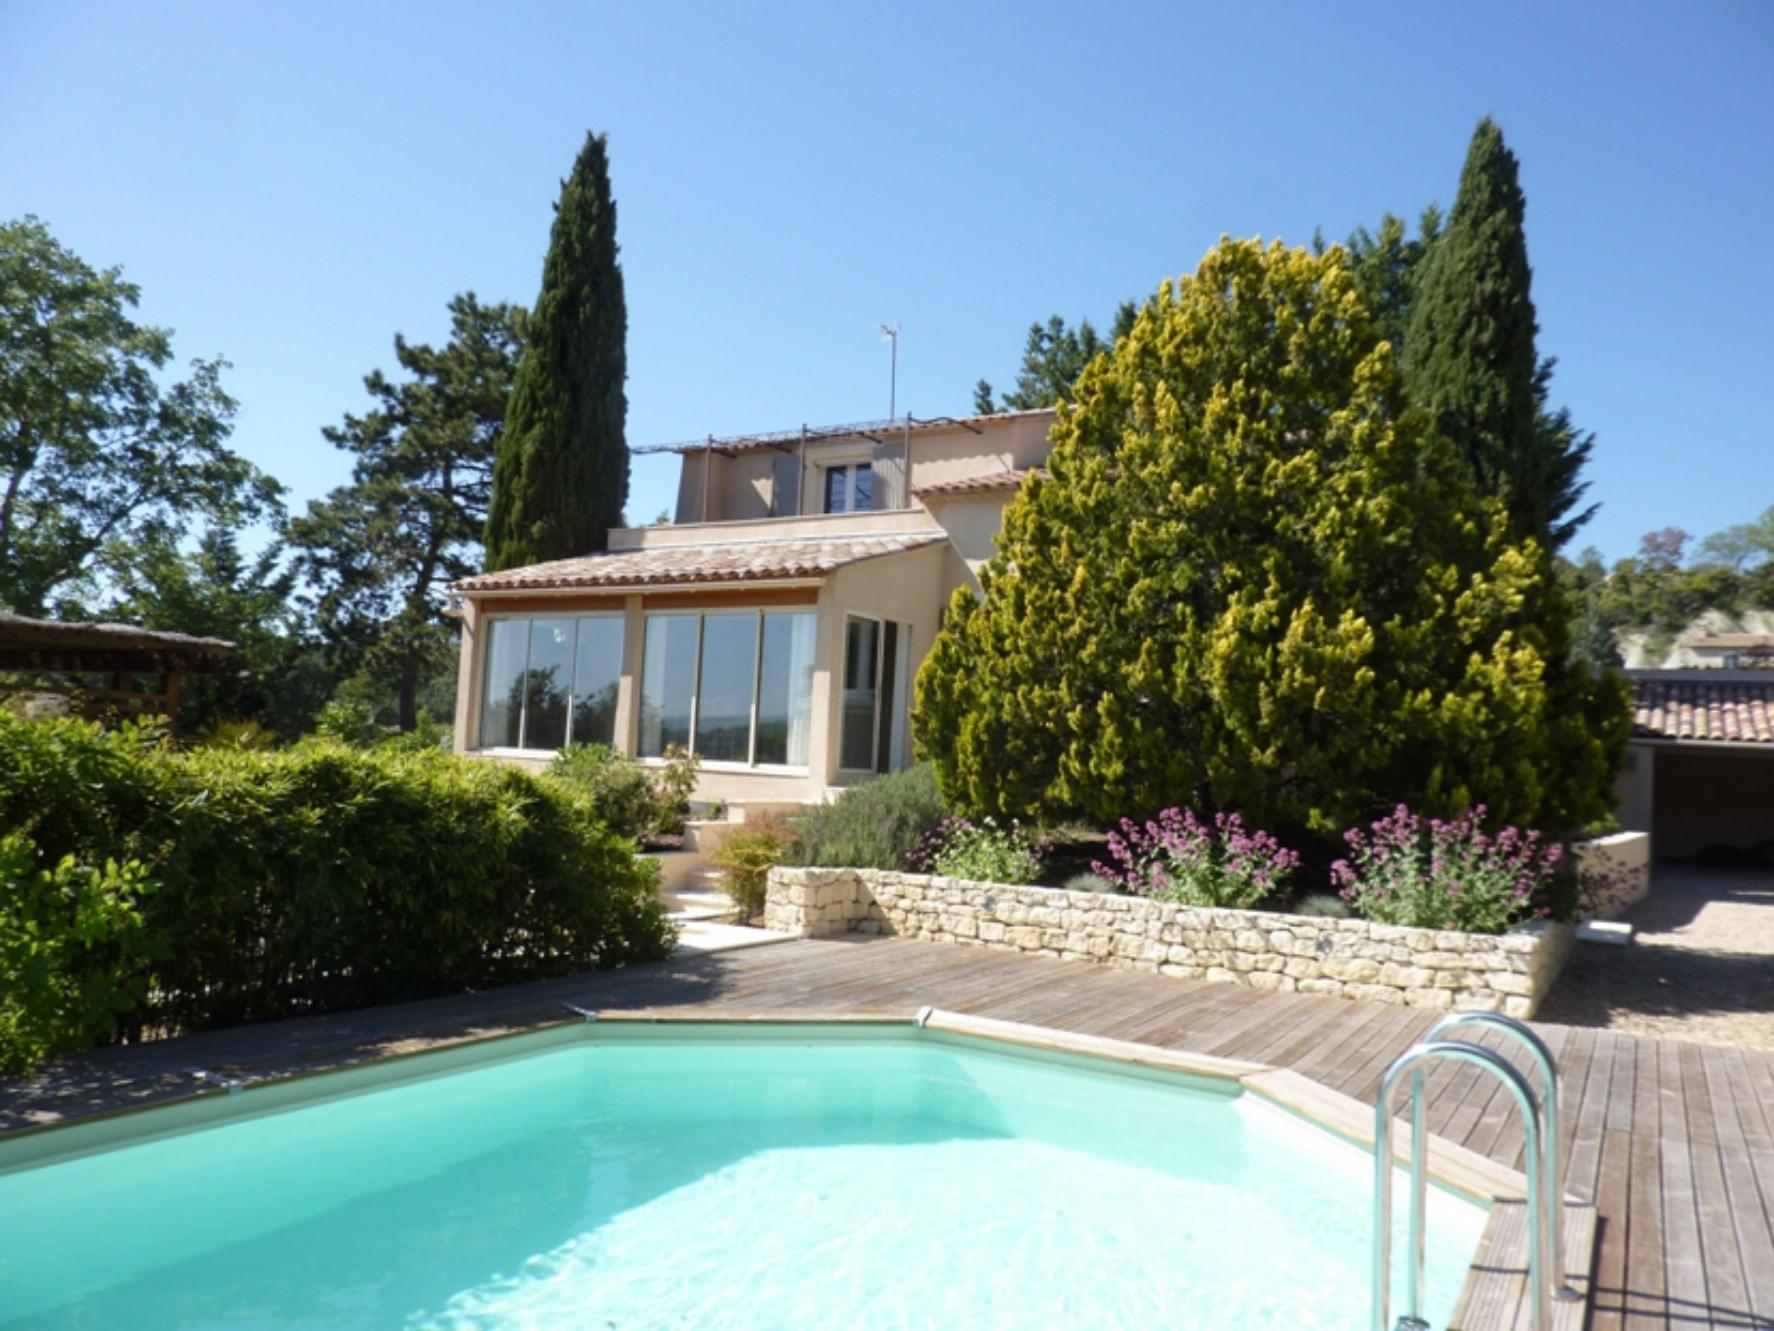 A quelques kilomètres de Gordes et de Roussillon, en position dominante, belle villa à vendre, avec jardin, piscine et vue